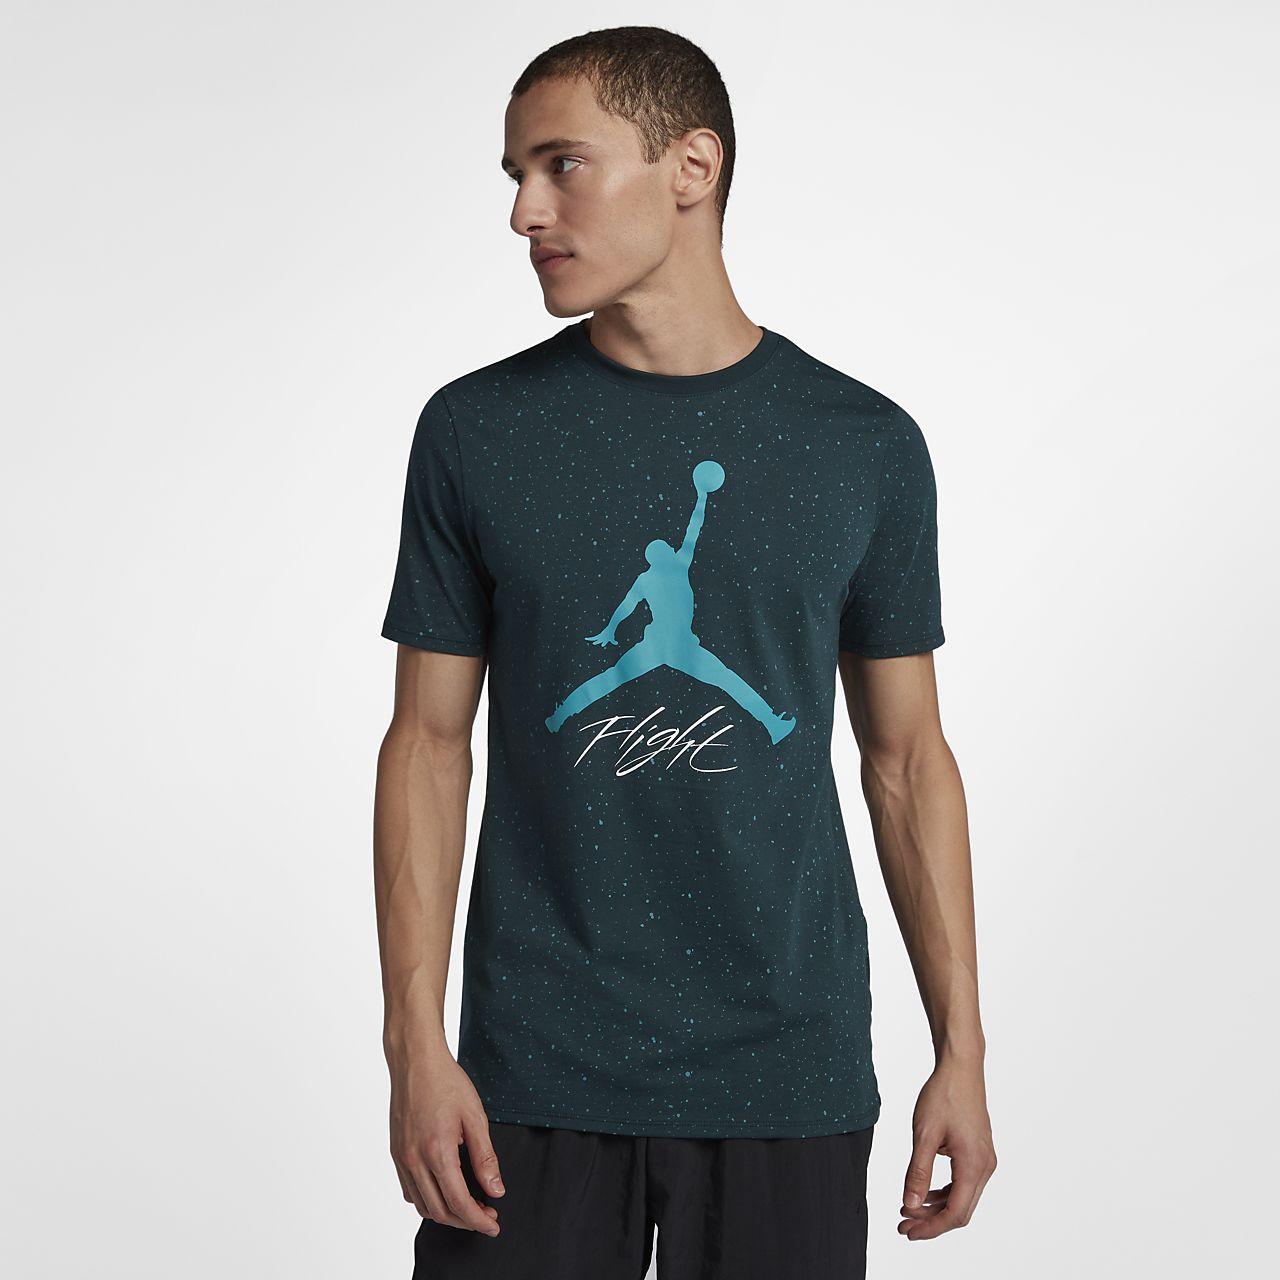 ジョーダン スポーツウェア フライト セメント メンズ Tシャツ